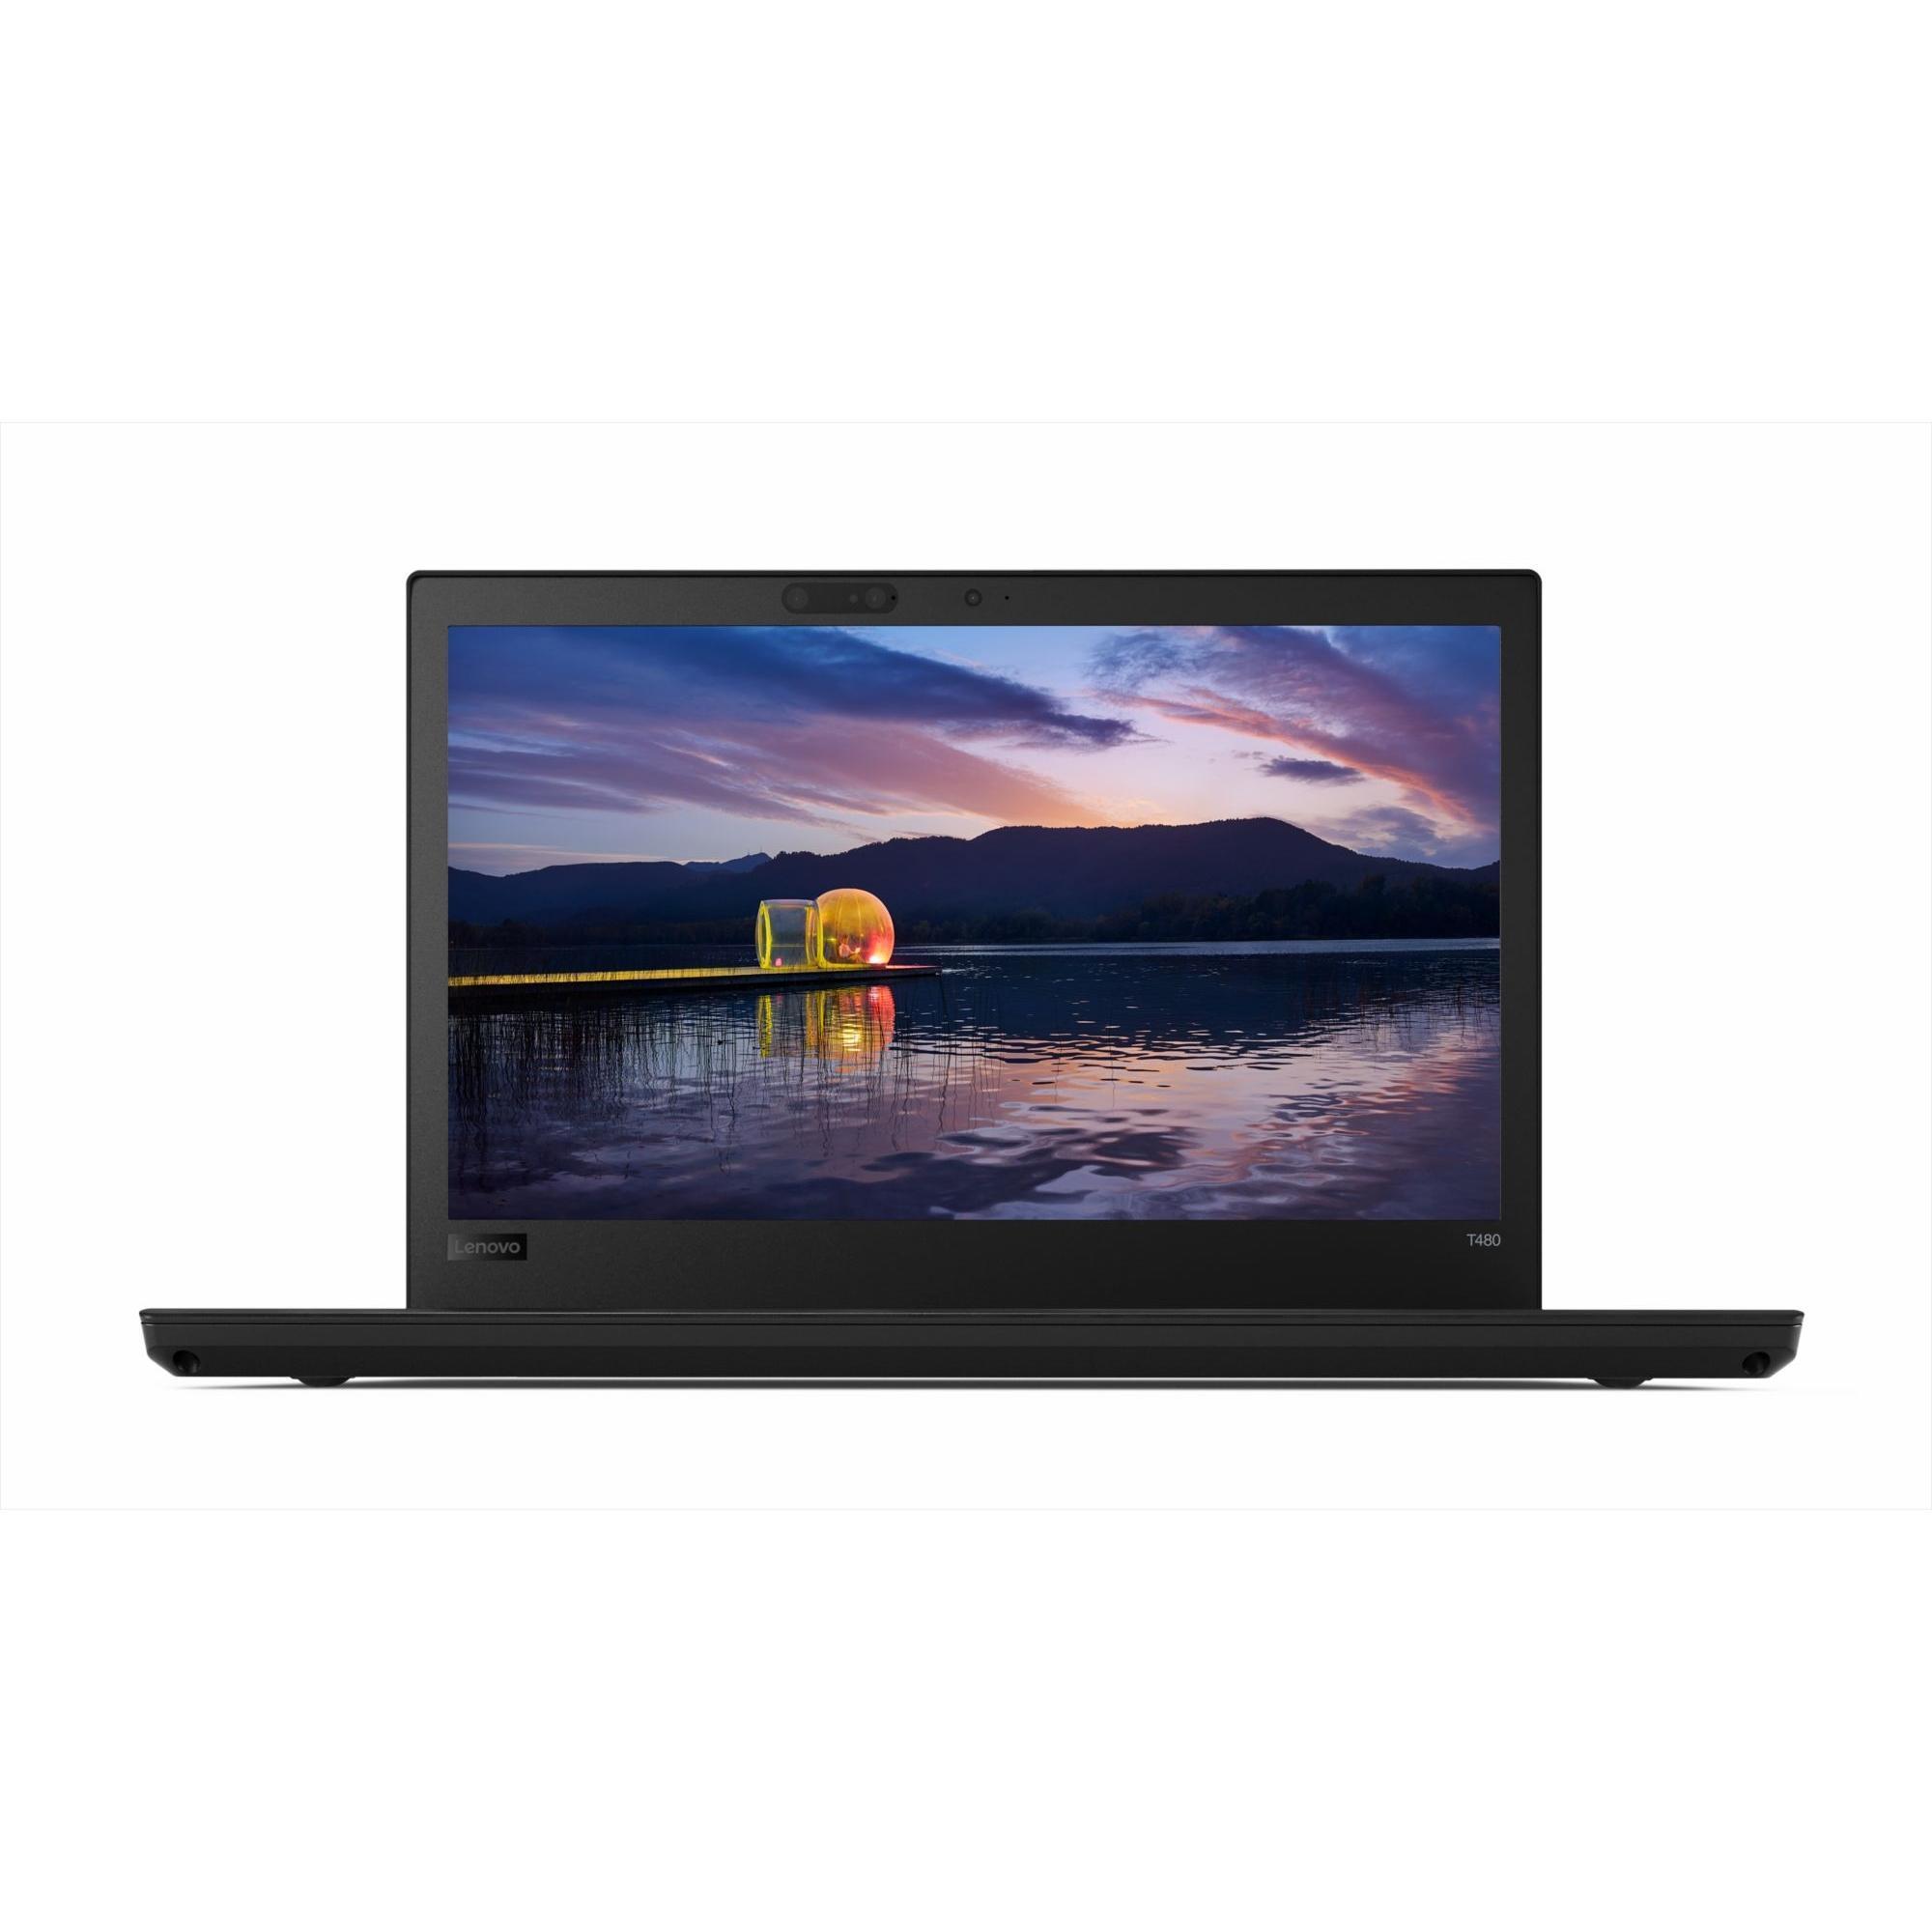 Lenovo ThinkPad T480 14-inch (2018) - Core i5-8250U - 4 GB  - HDD 500 GB